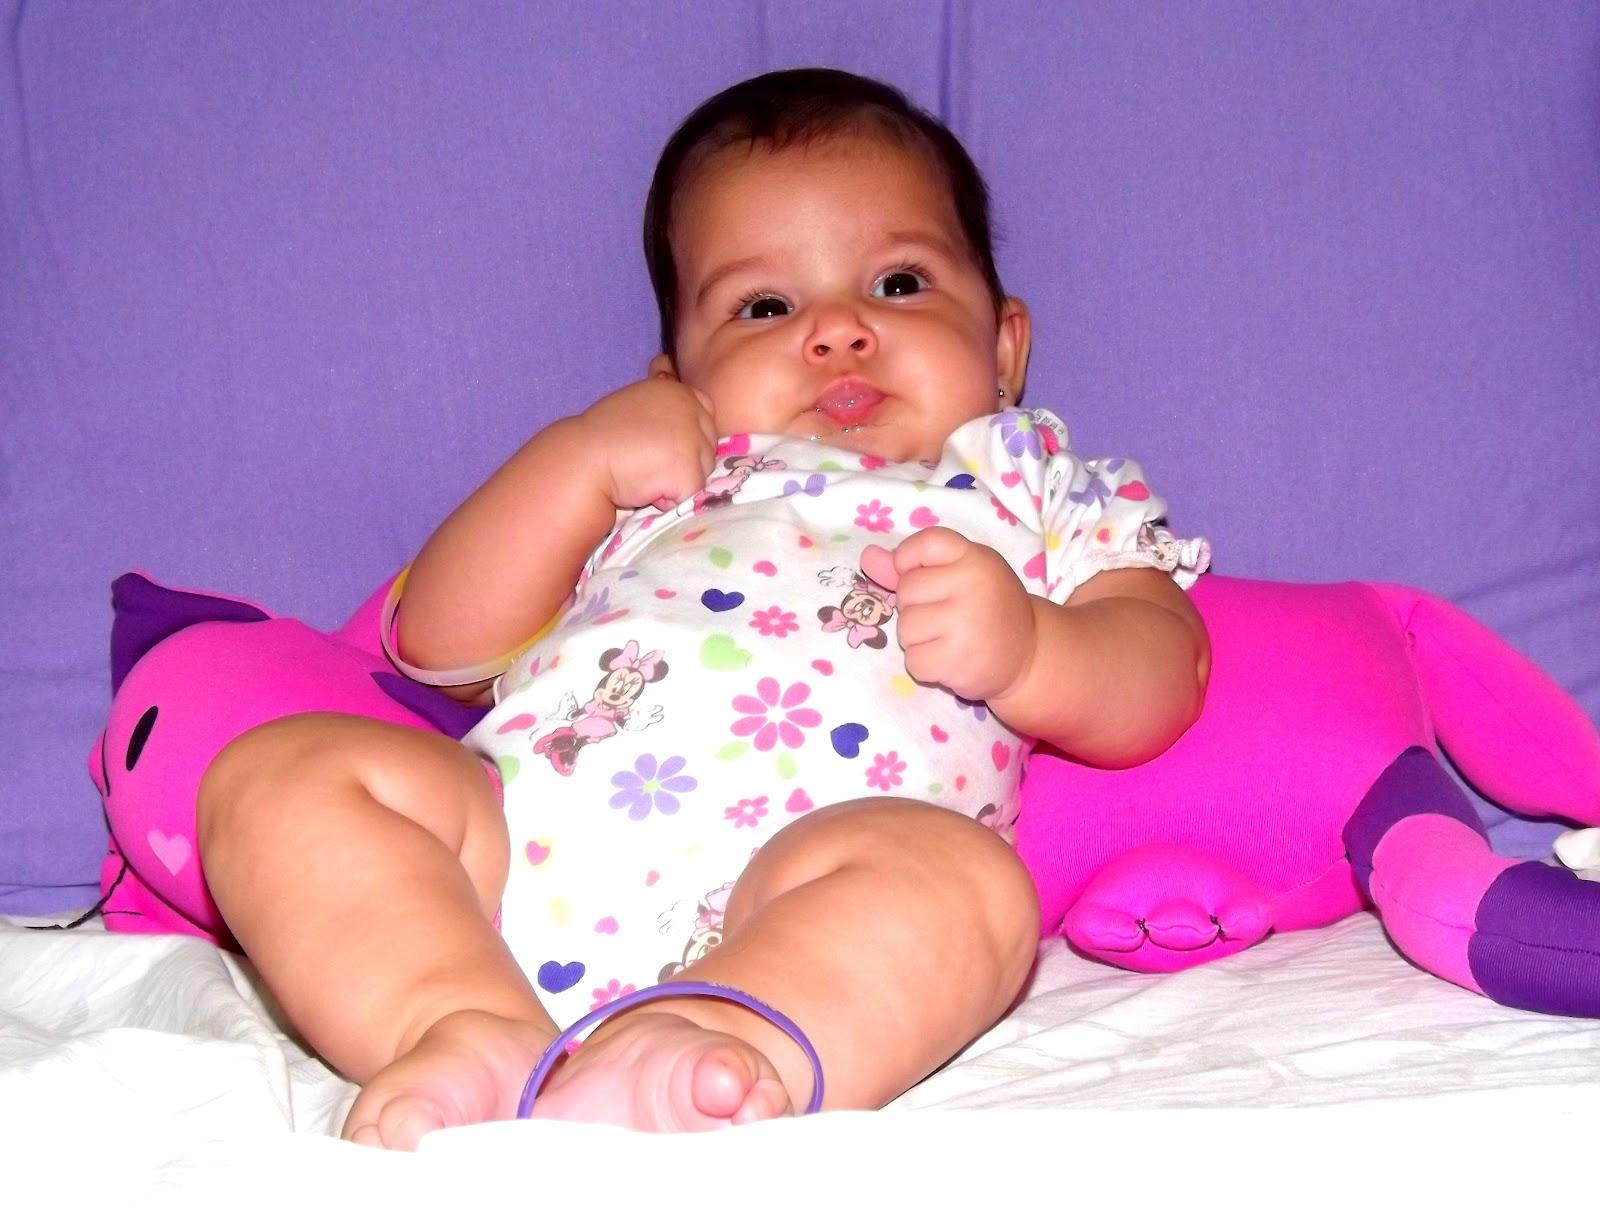 http://3.bp.blogspot.com/-_OpE9sLGQzo/T3NDjpdULEI/AAAAAAAAAmI/Ze_eiF7Yf-o/s1600/Liz+filha+samantha+ponce.jpg